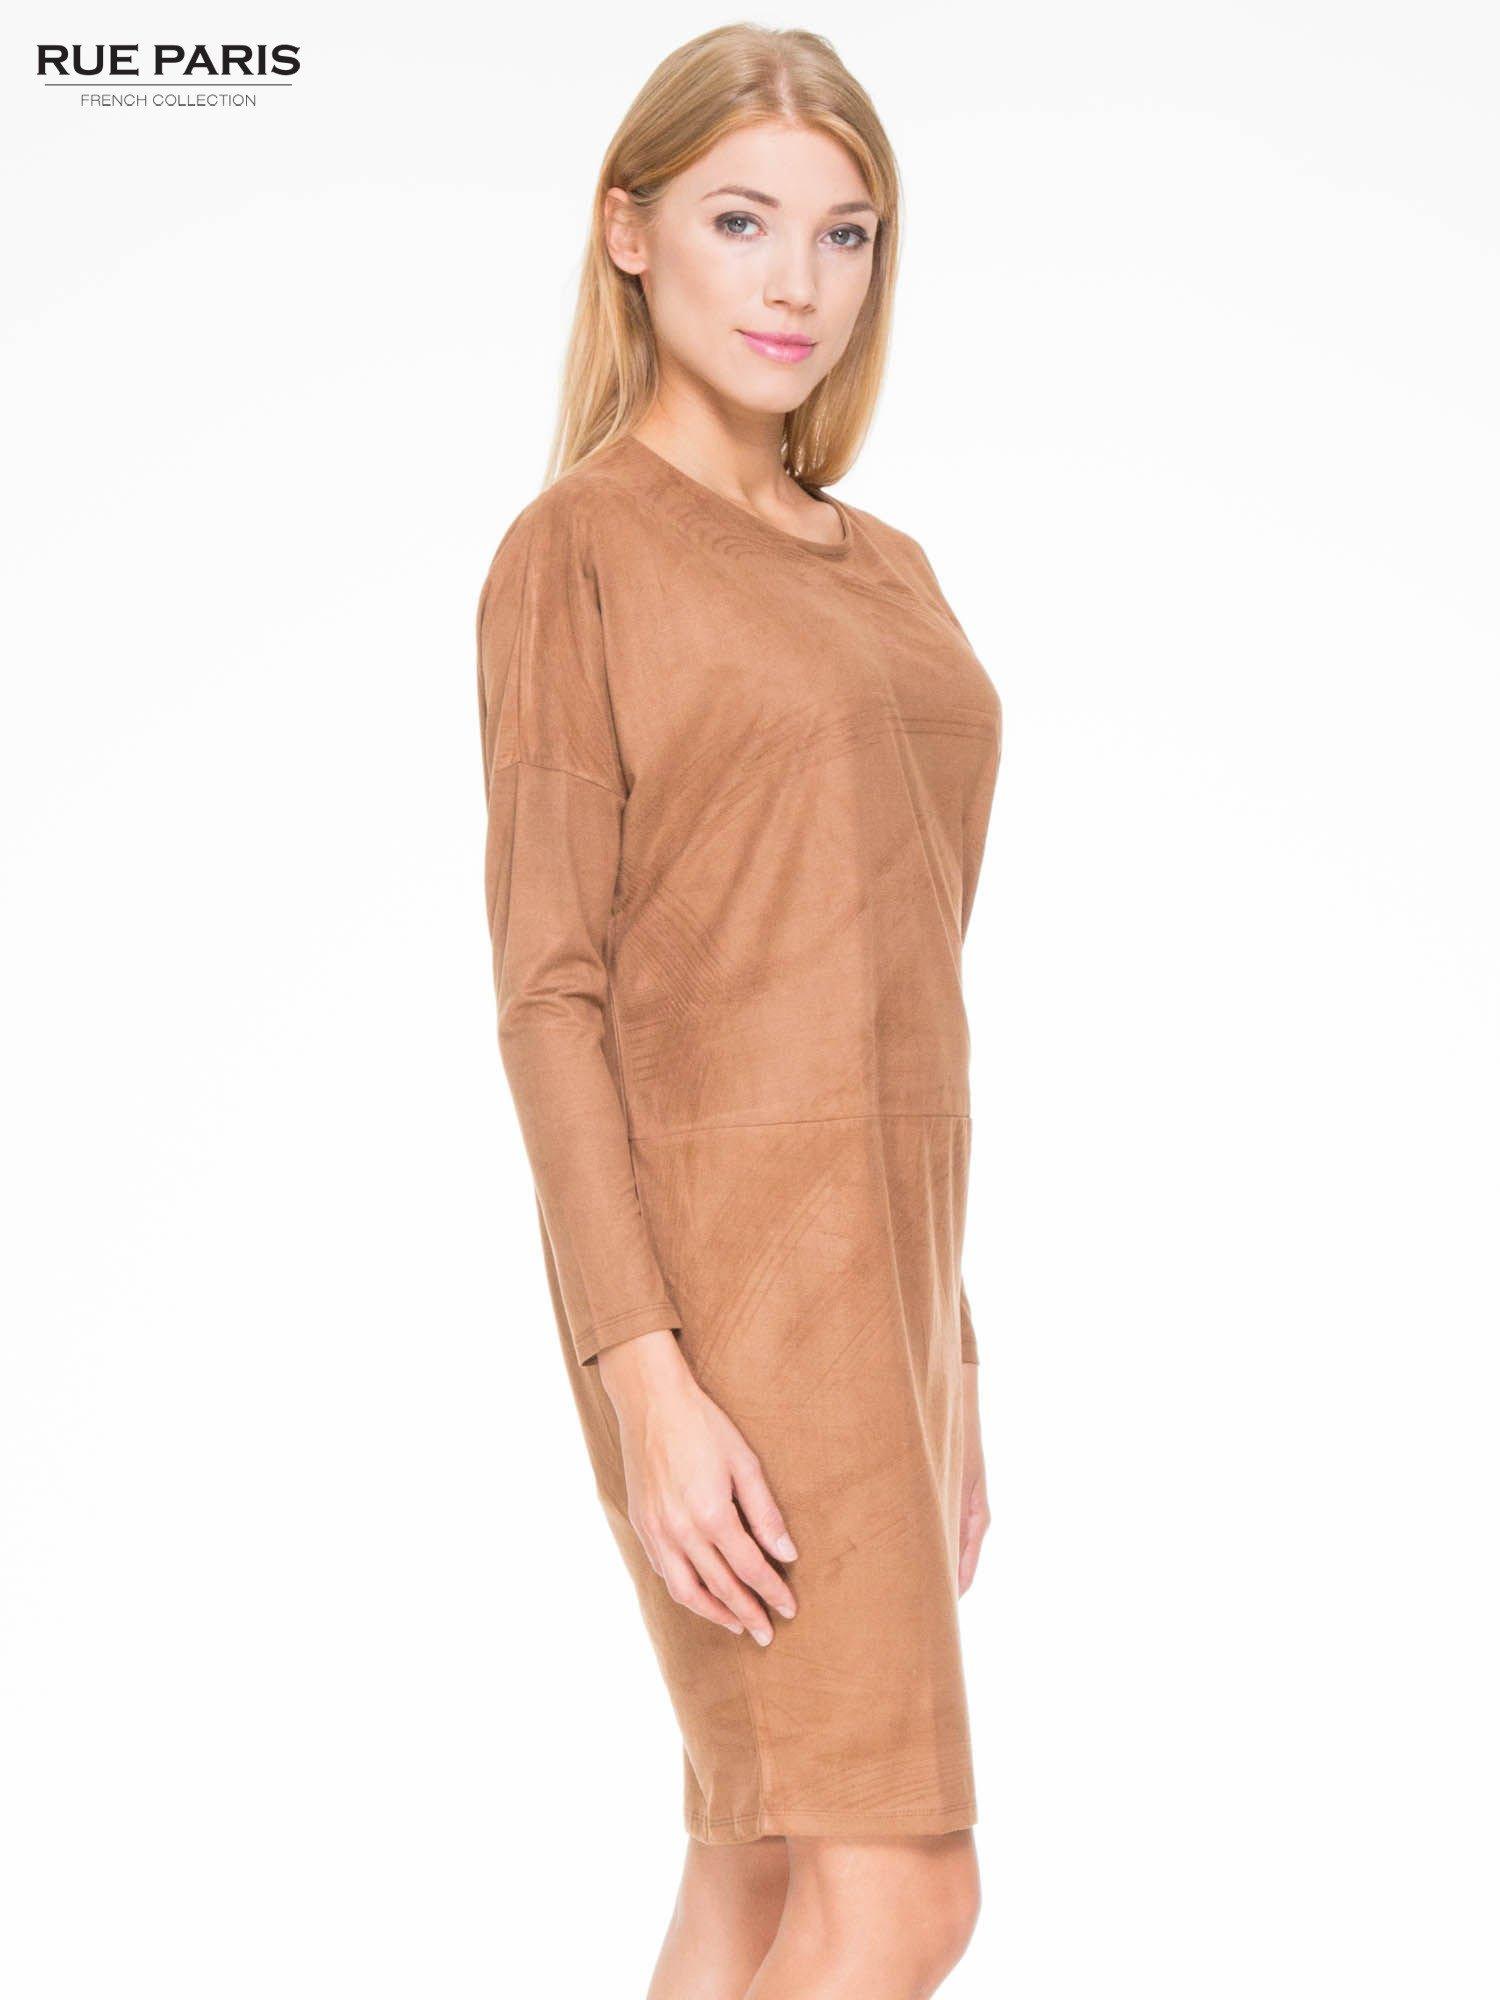 Brązowa zamszowa sukienka z luźnymi rękawami                                  zdj.                                  3